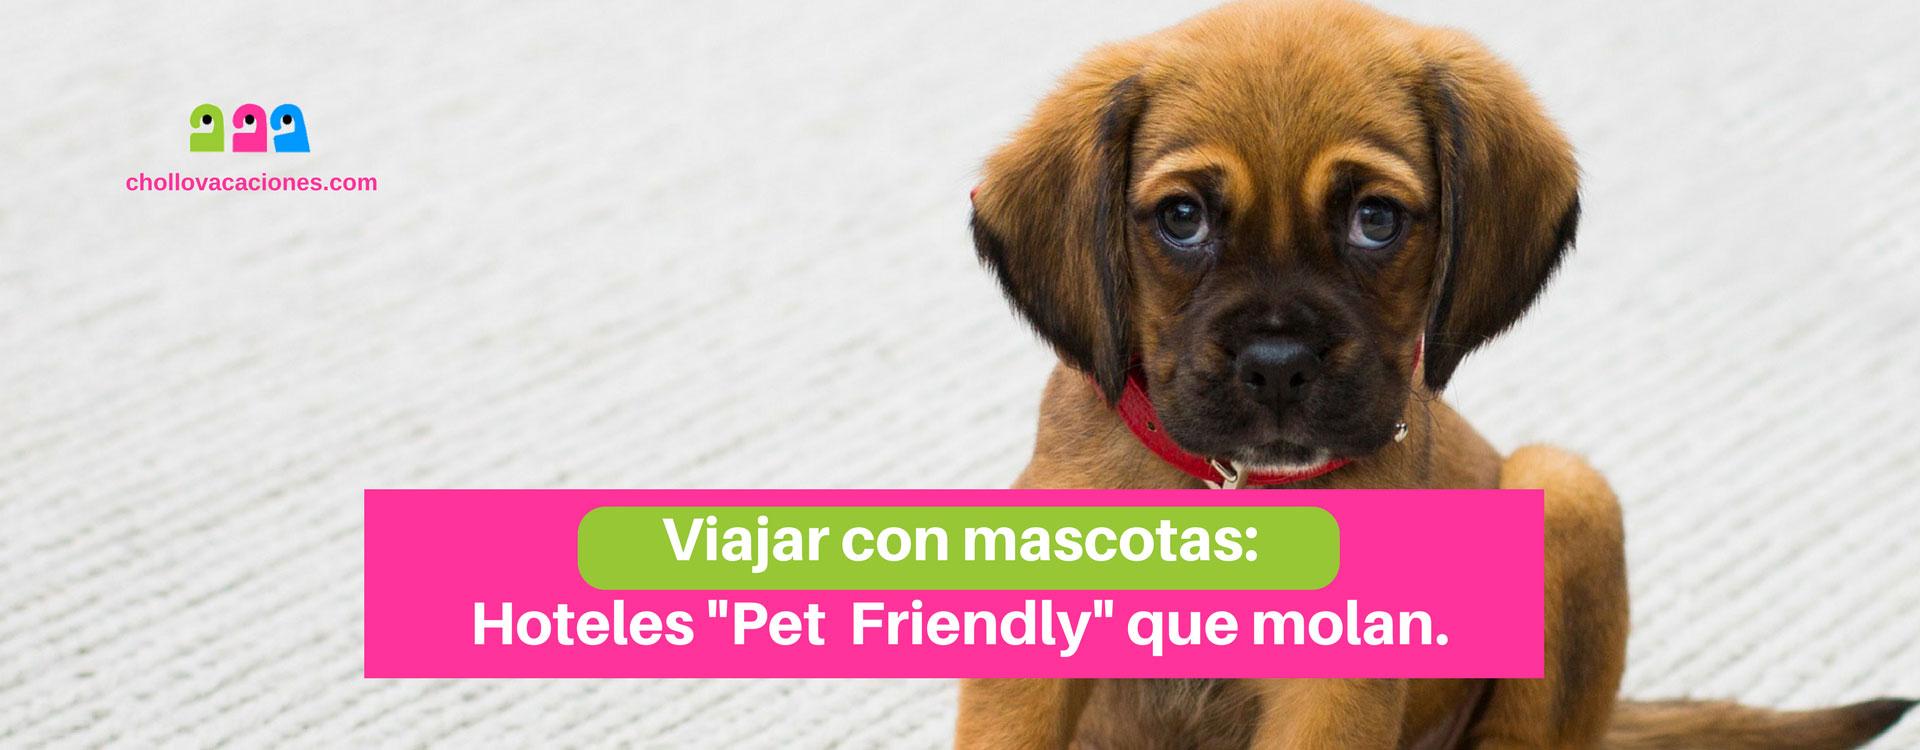 Viajar con perro: Hoteles que admiten perros y mascotas pet friendly perfectos.